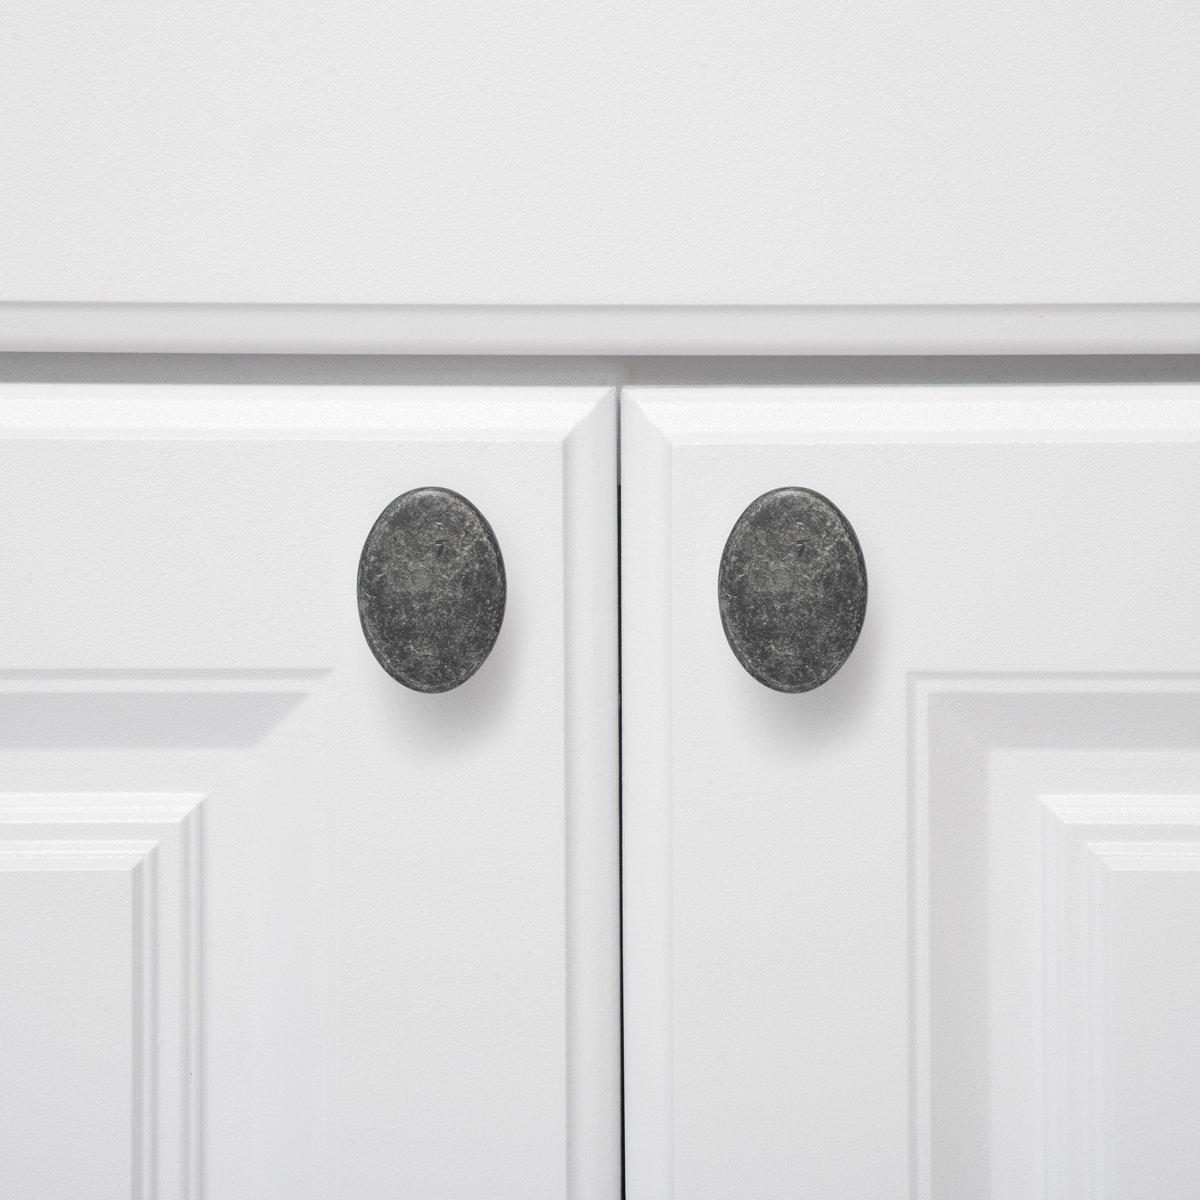 Basics Pomo de armario redondo y plano cromo pulido paquete de 25 3,66 cm de di/ámetro